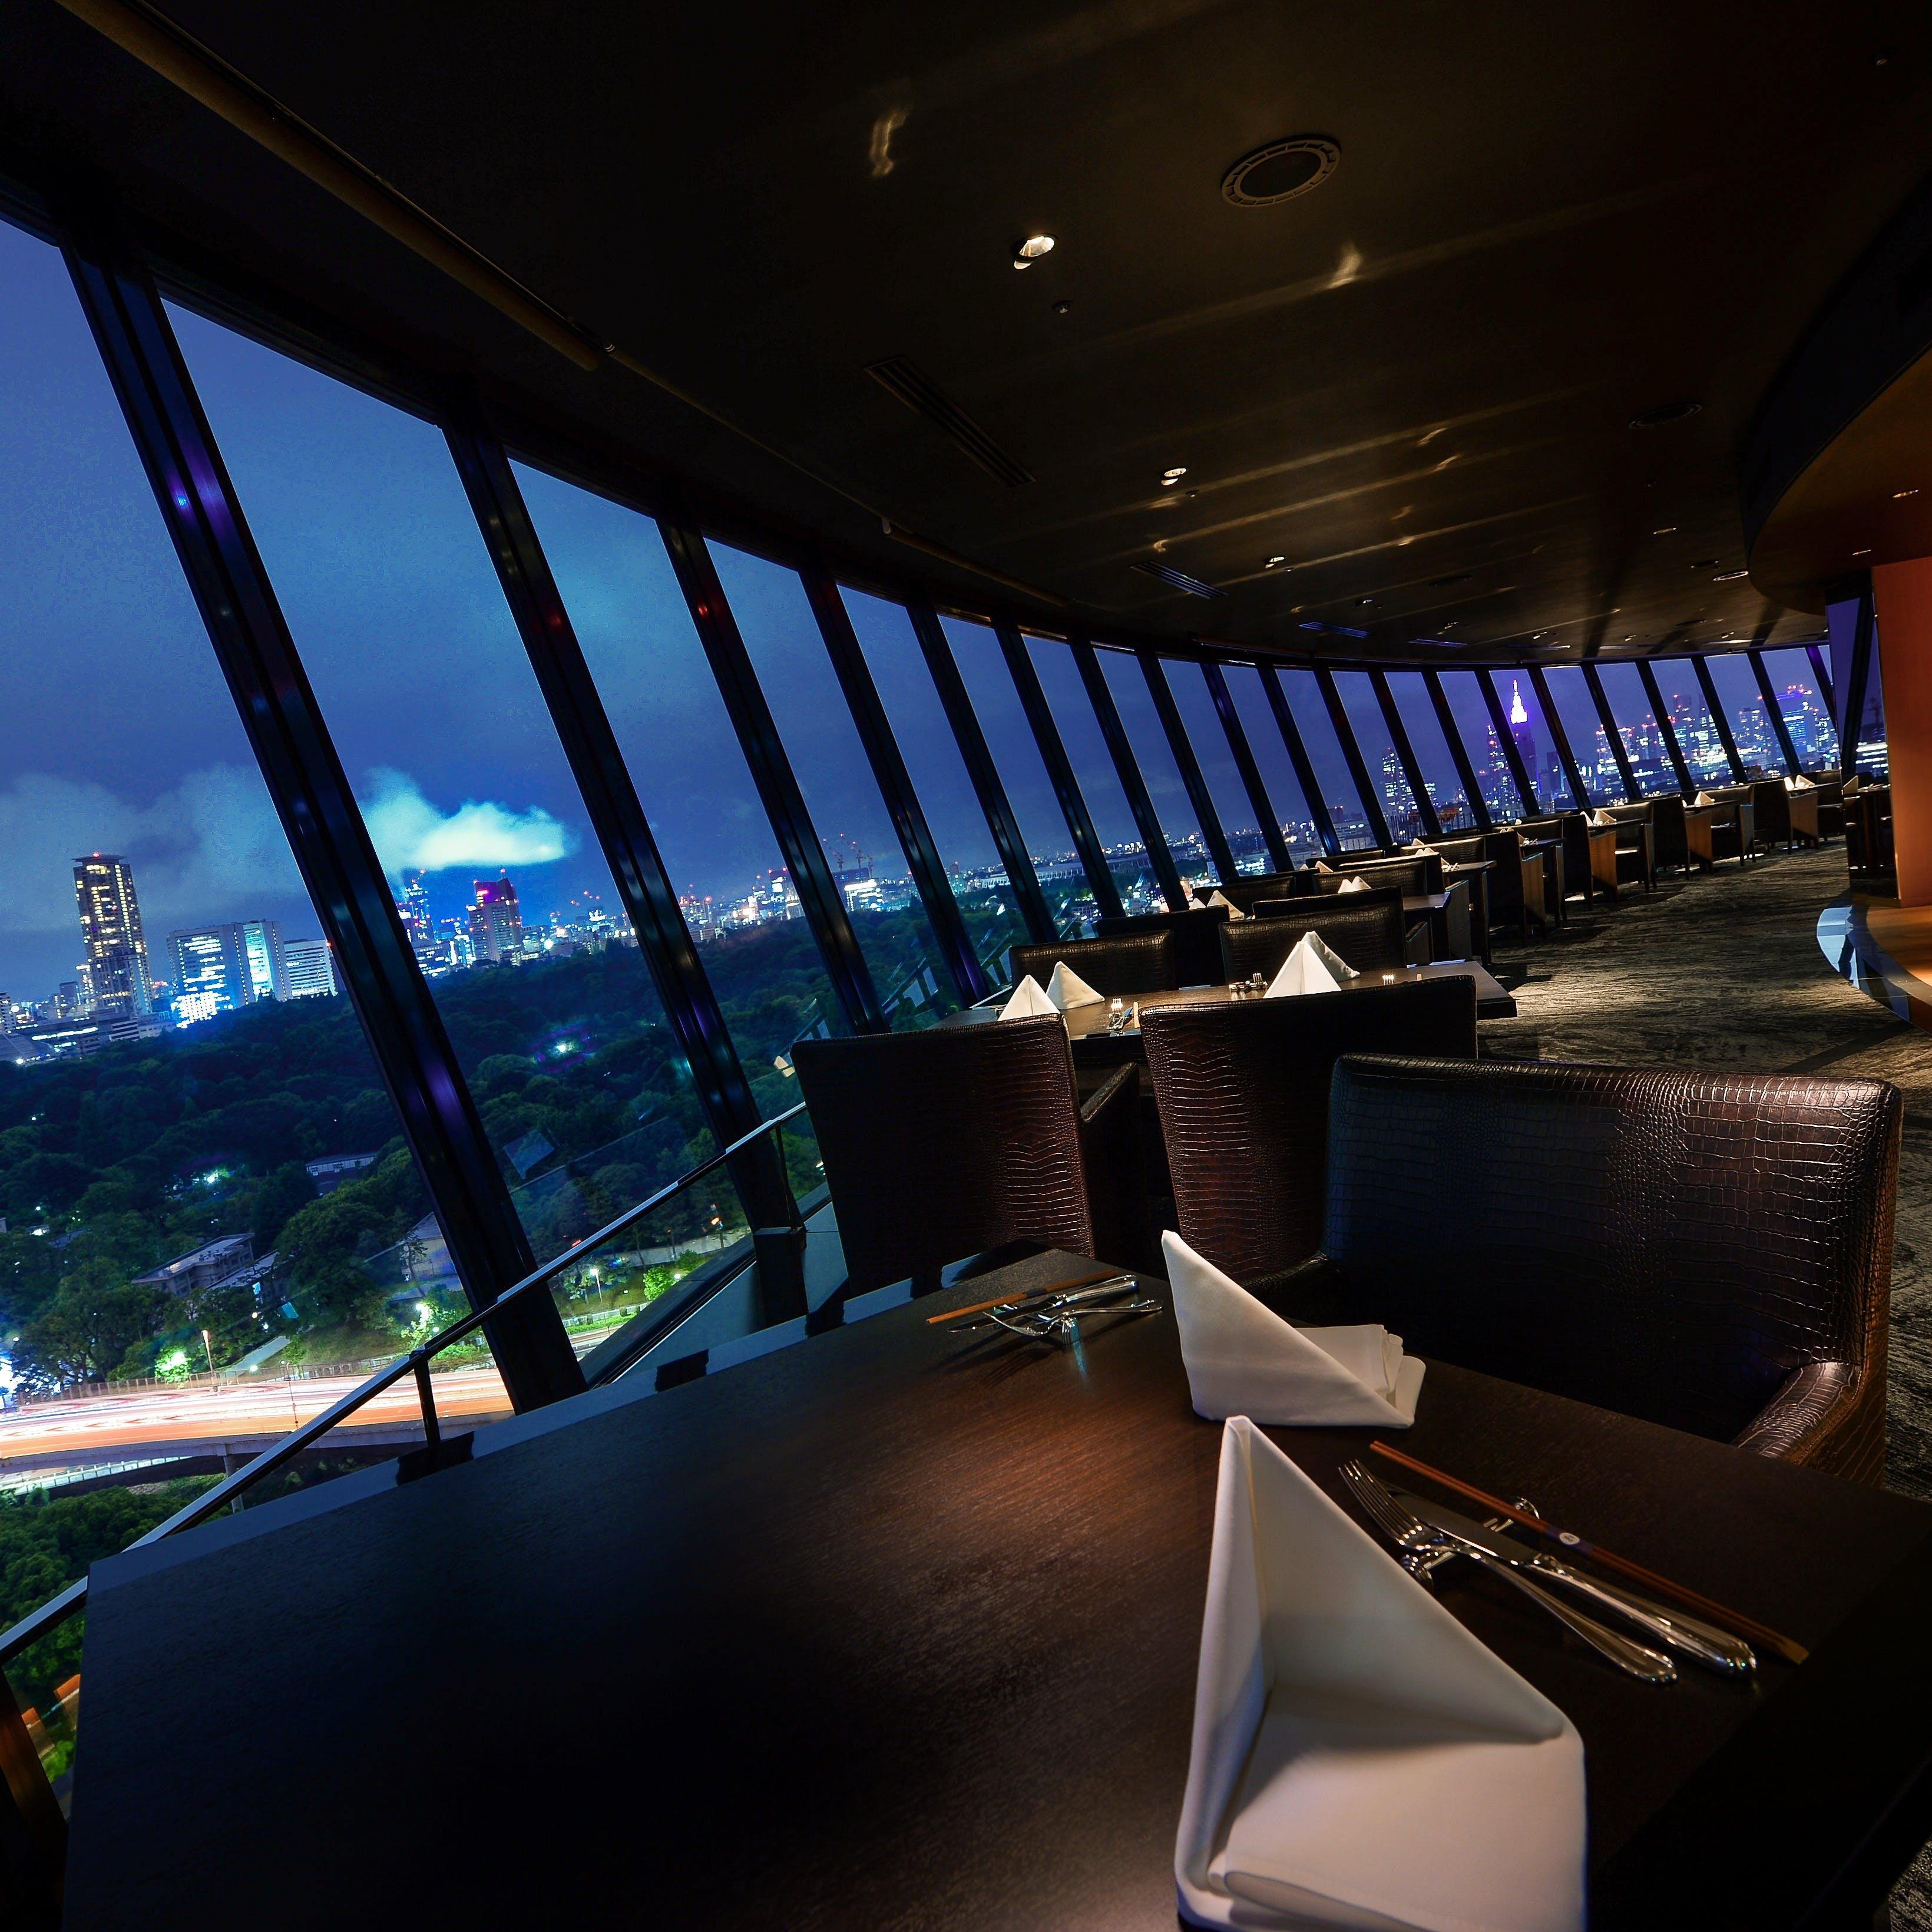 360度東京の景色を望む、洗練された大人の雰囲気溢れる空間